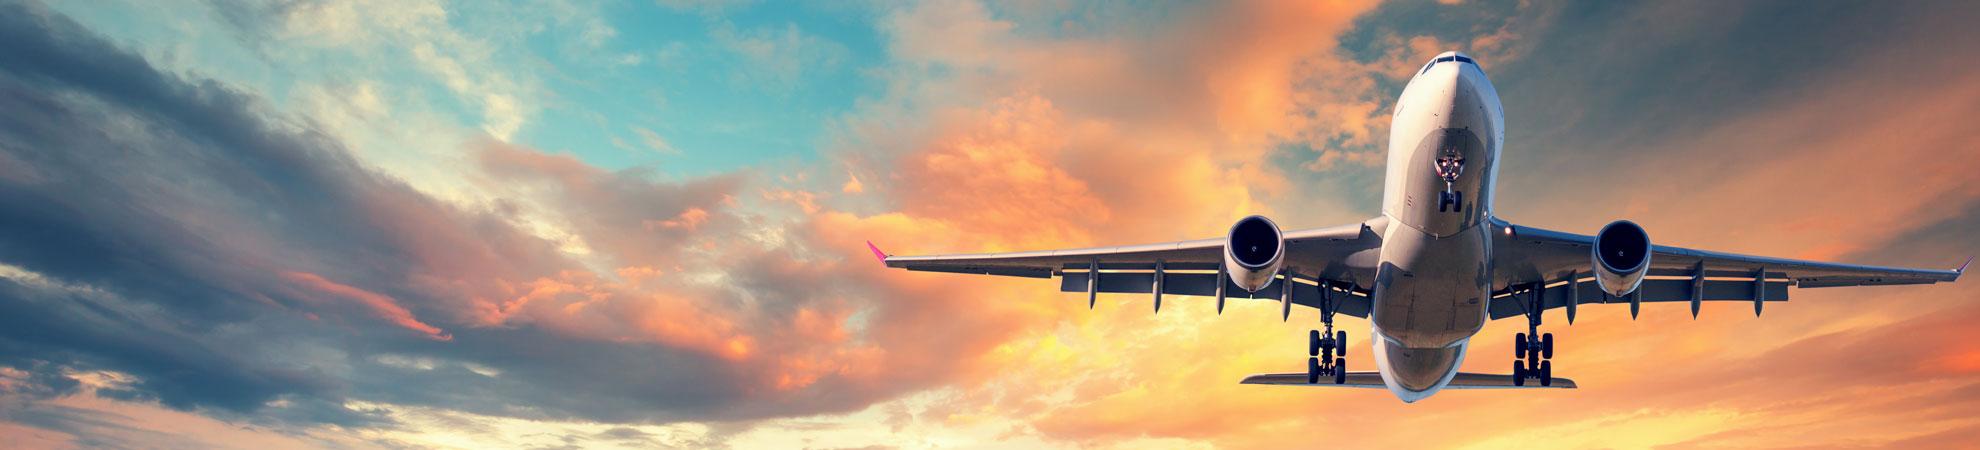 Conseils pratiques pour améliorer son expérience à l'aéroport avant un départ au Canada